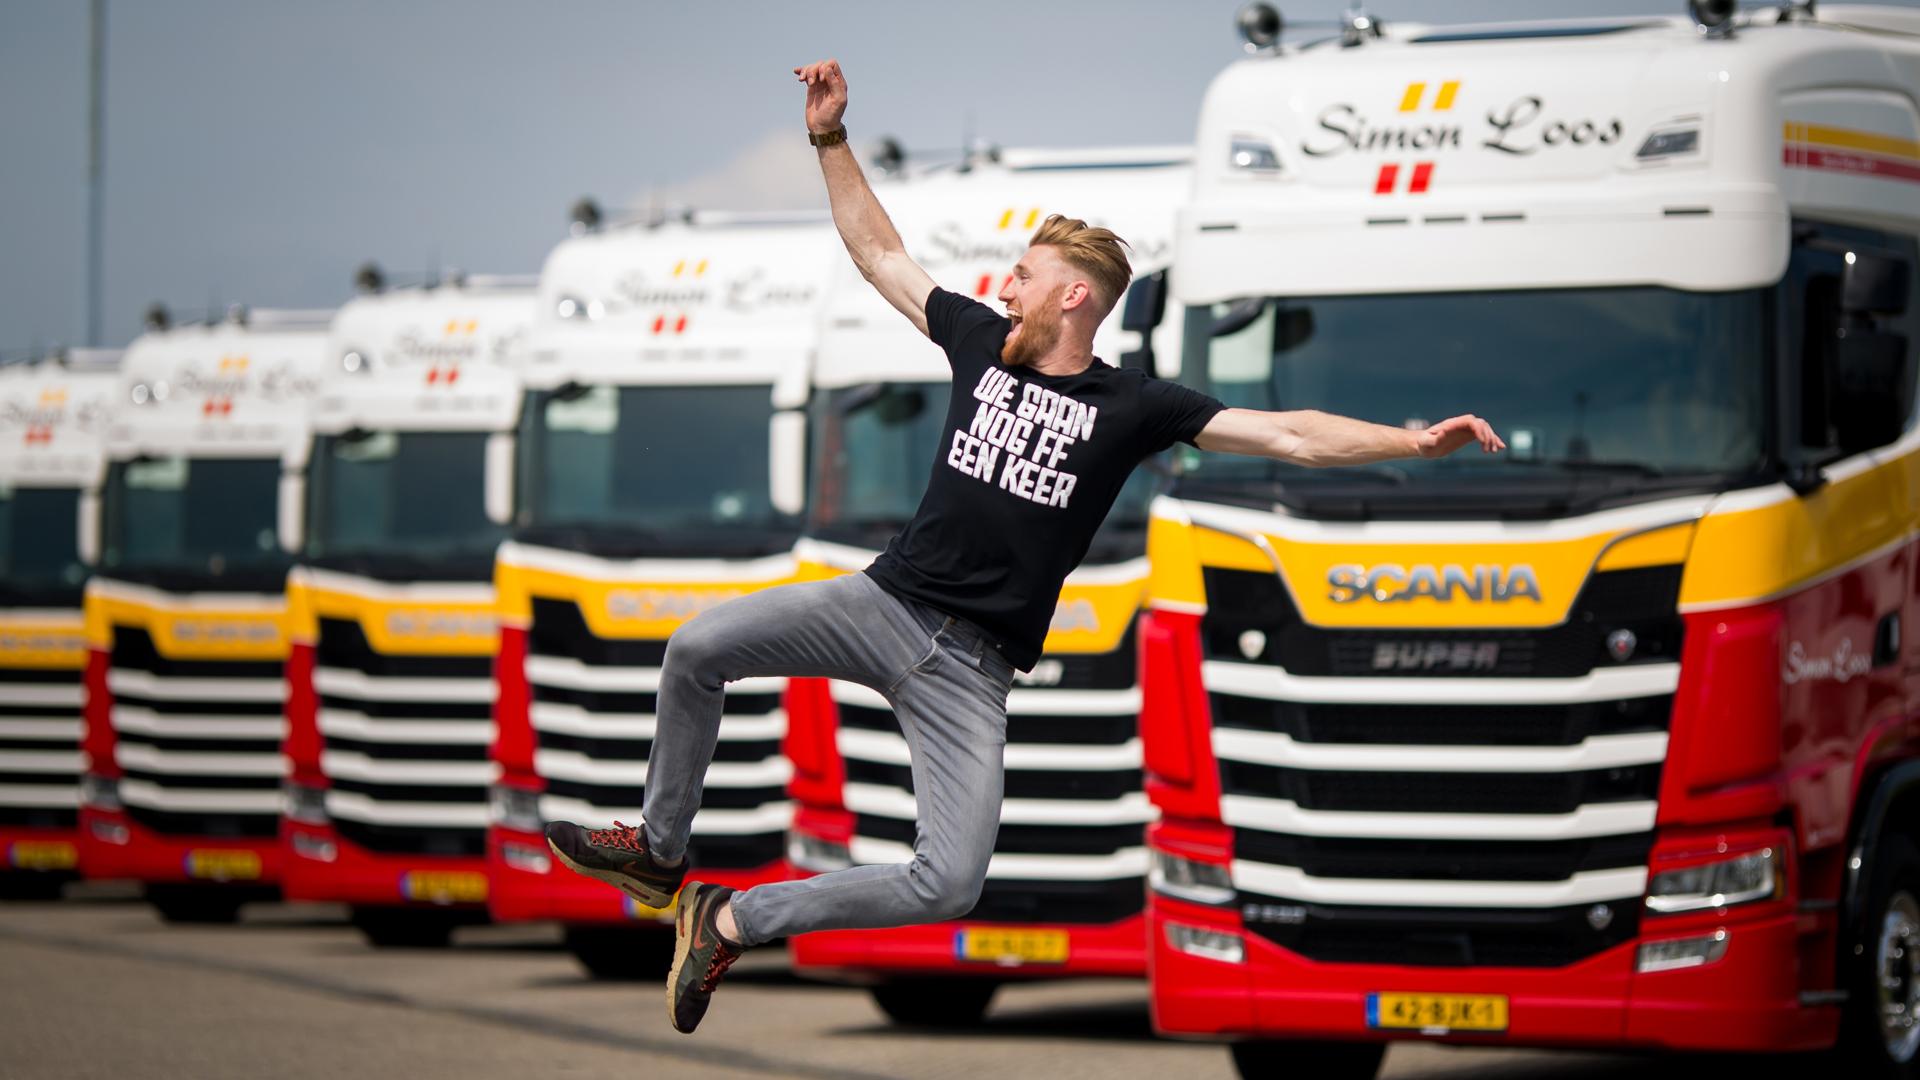 Martijn Kuipers - T-shirt 'We gaan nog ff een keer'